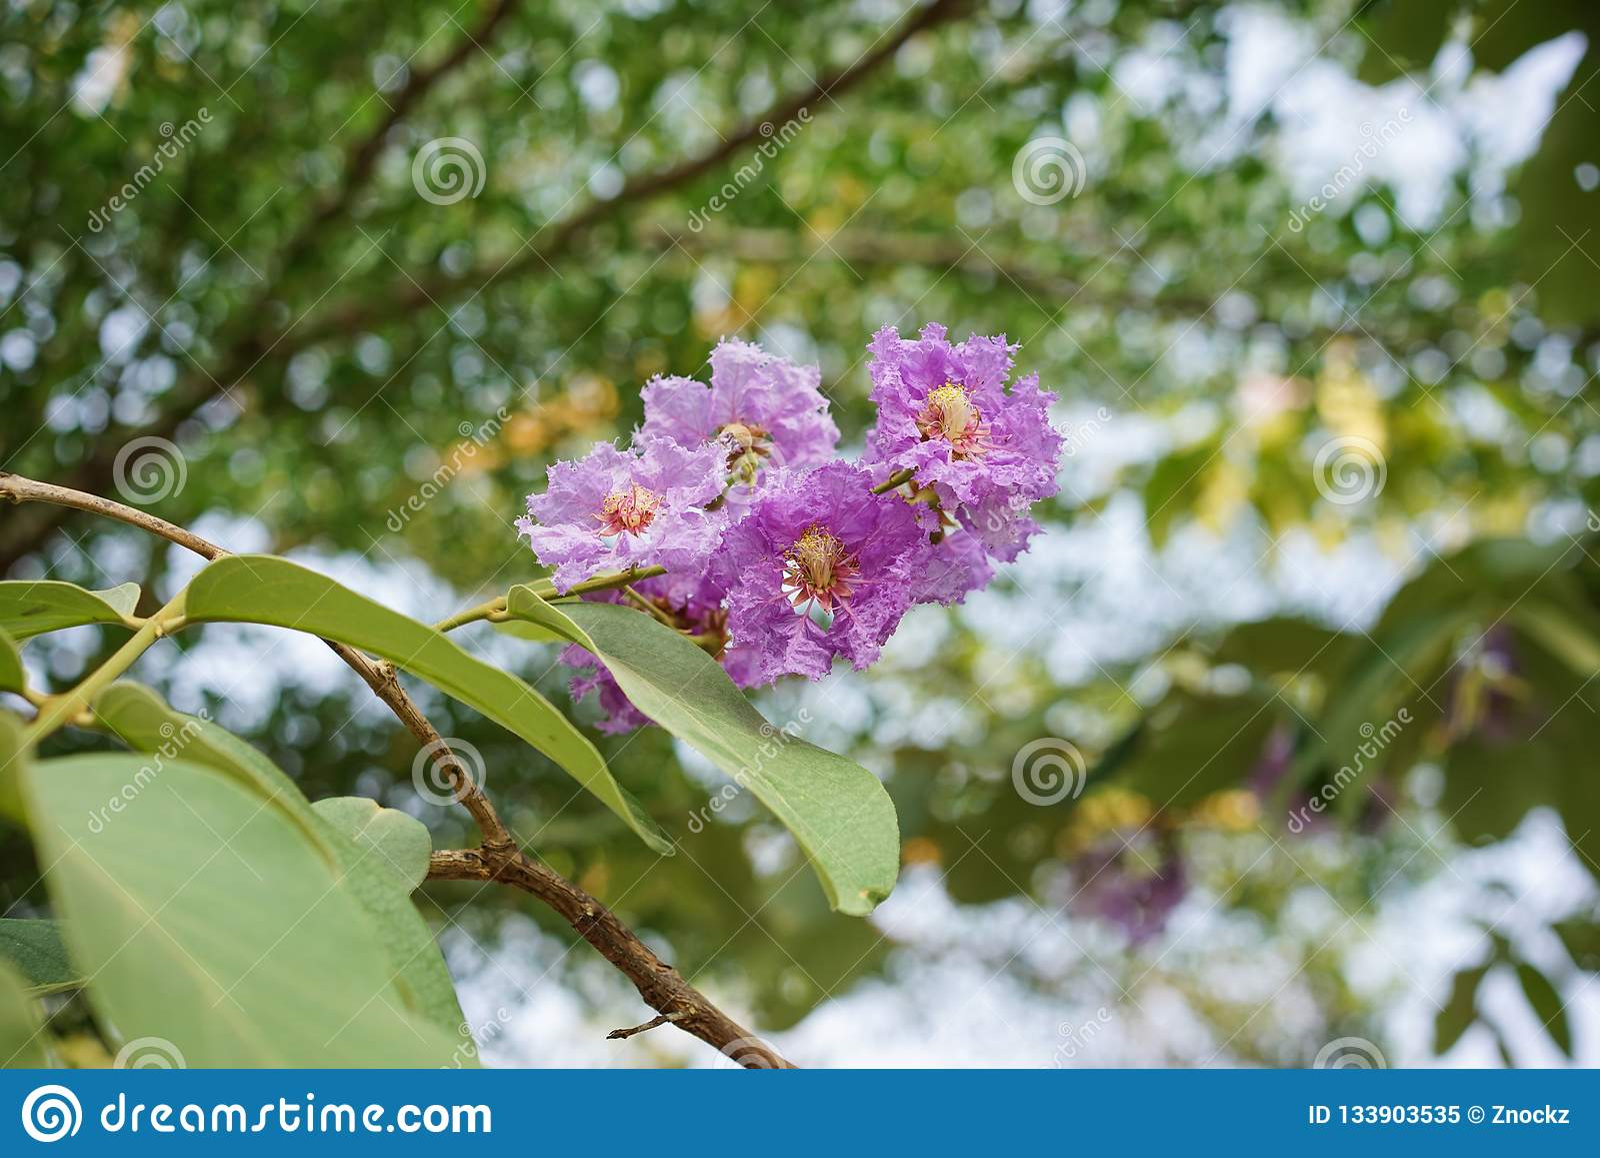 Flor púrpura de la inflorescencia